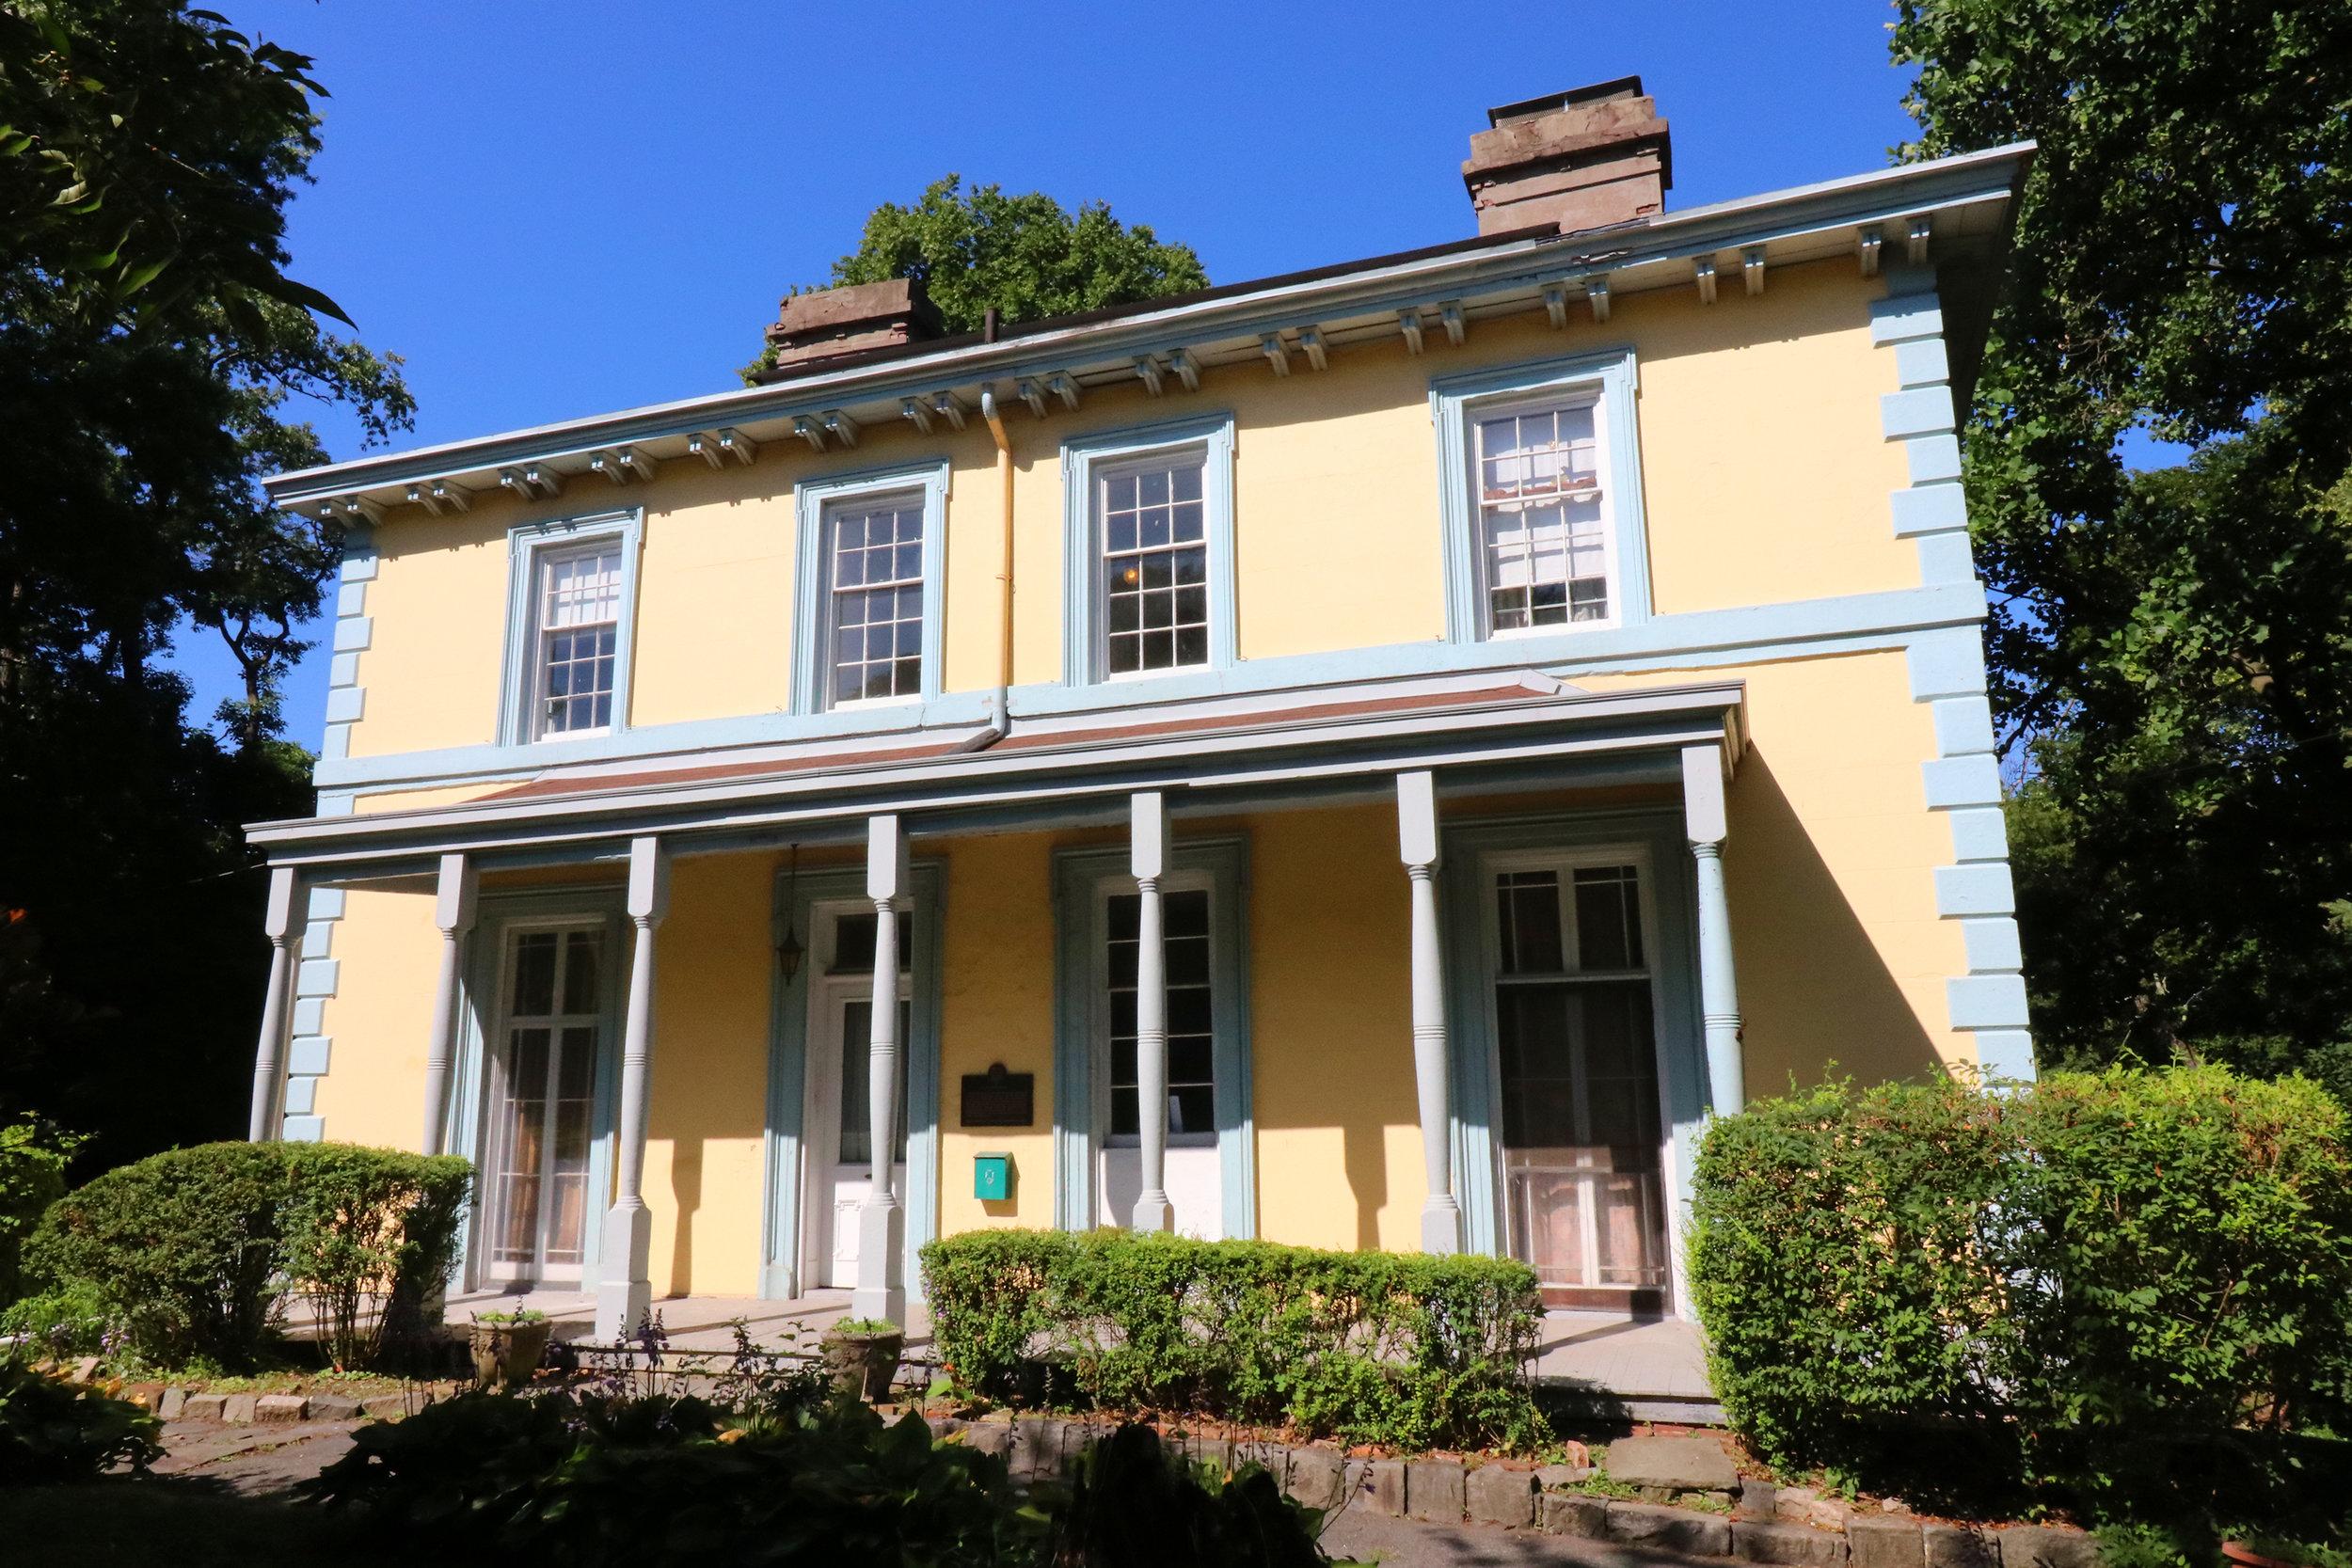 66 Harvard Ave. - Hamilton Park/New BrightonResidential Sale ListingRepresented Seller